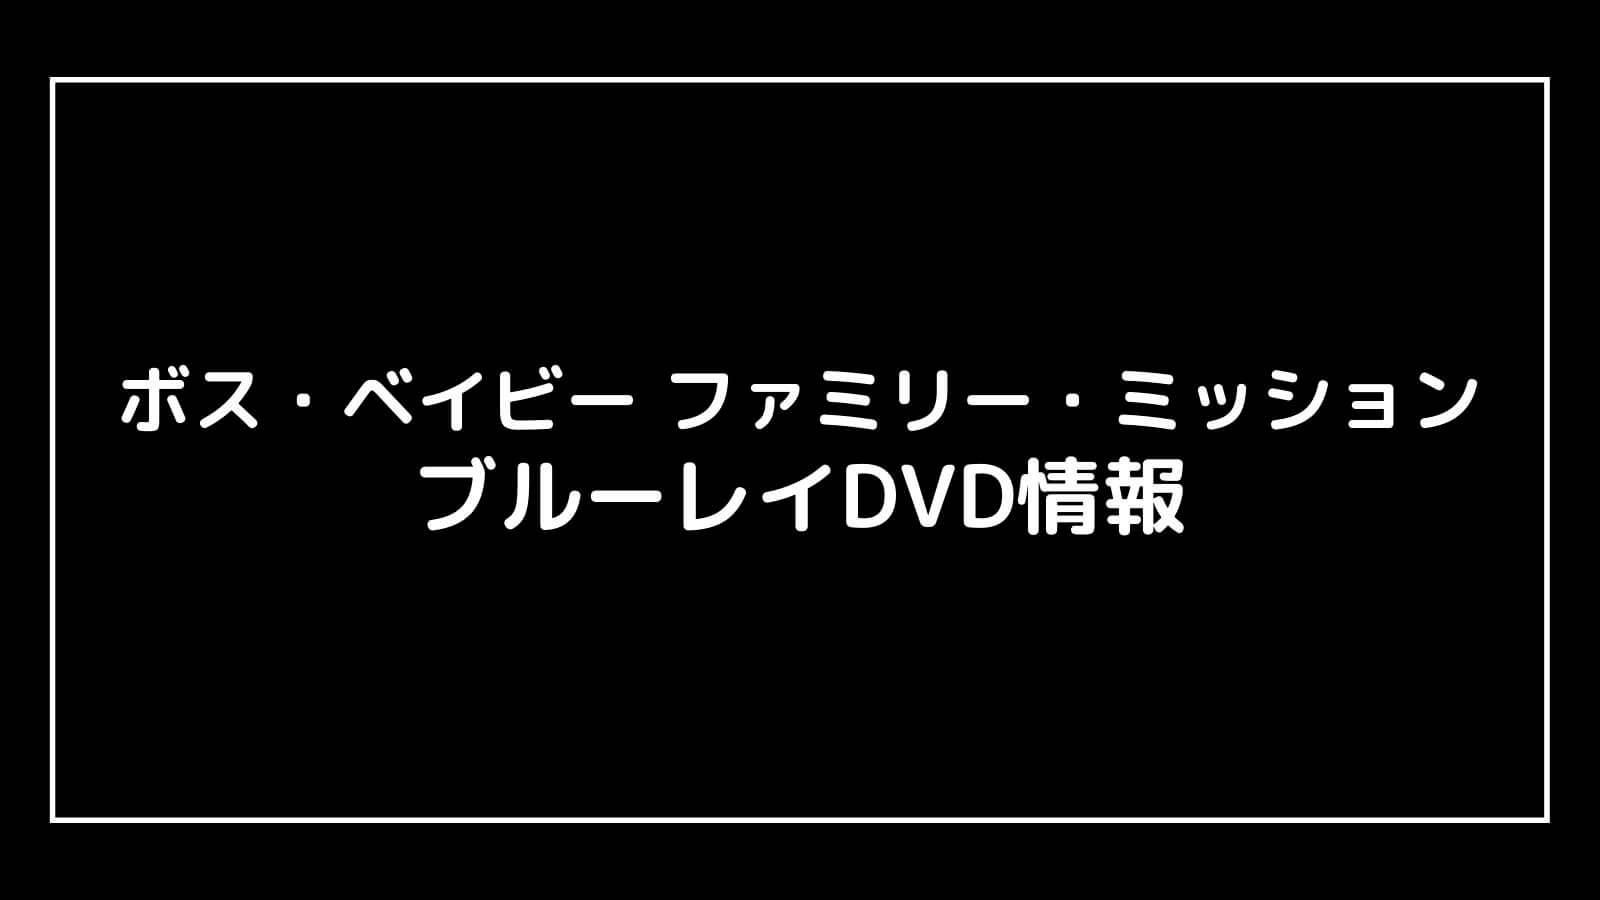 映画『ボス・ベイビー ファミリー・ミッション』のDVD発売日と予約開始日はいつから?円盤情報まとめ